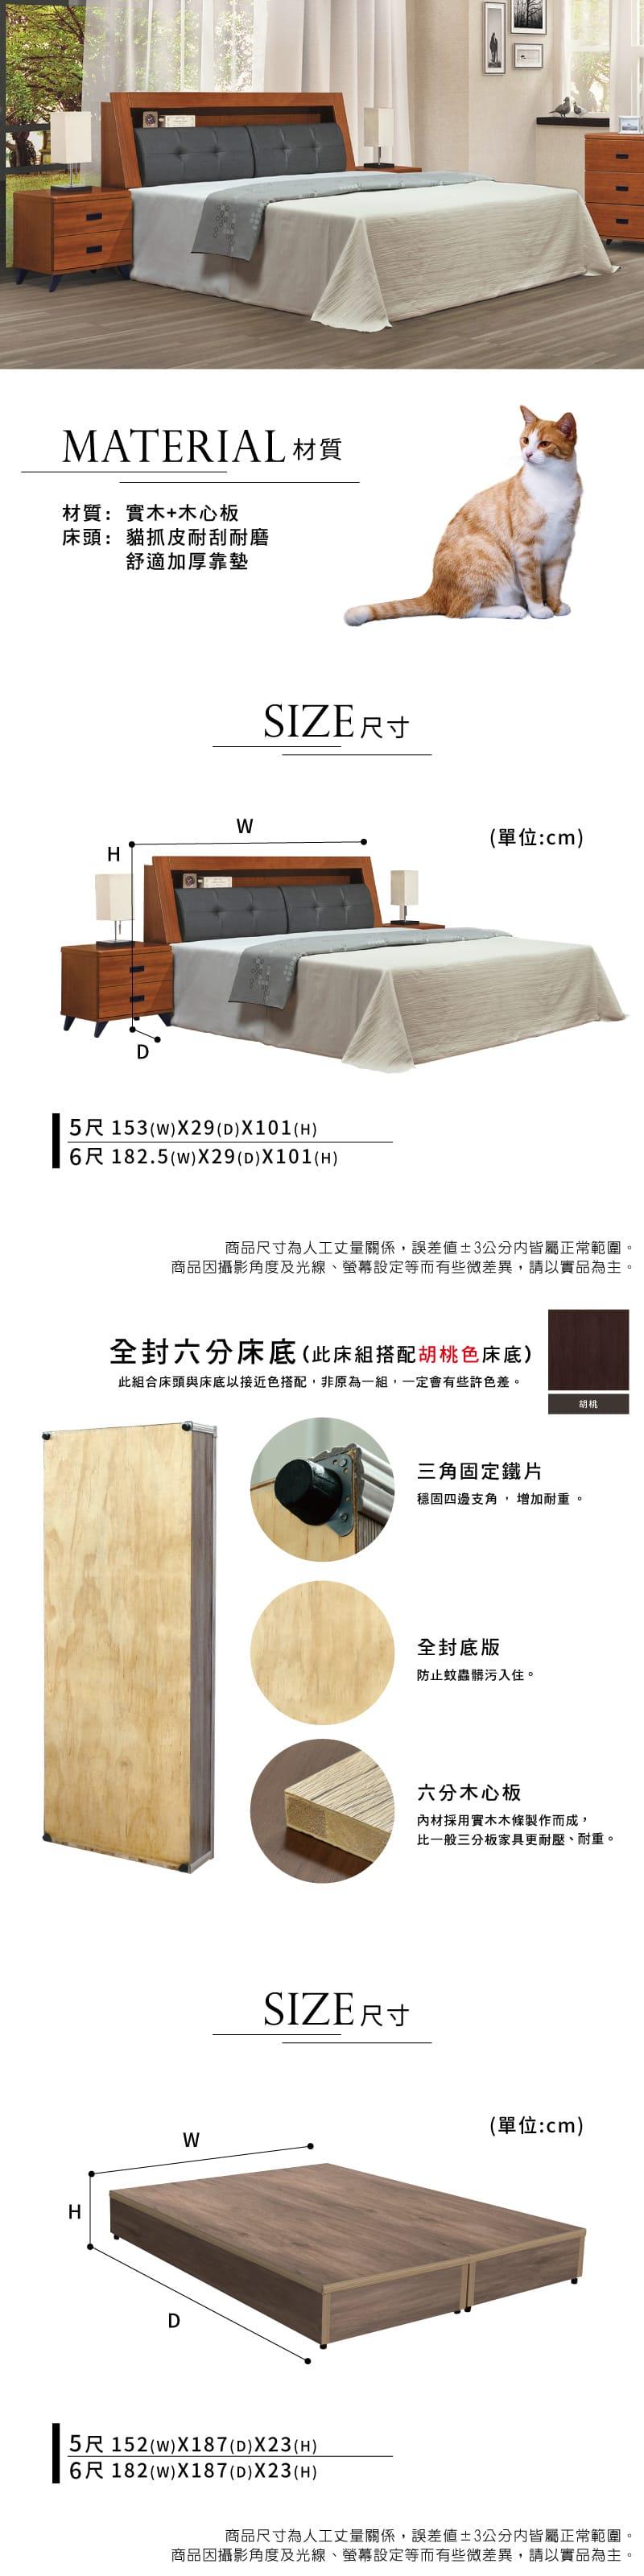 樟木貓抓皮收納床組兩件 雙人5尺(床頭箱+床底)